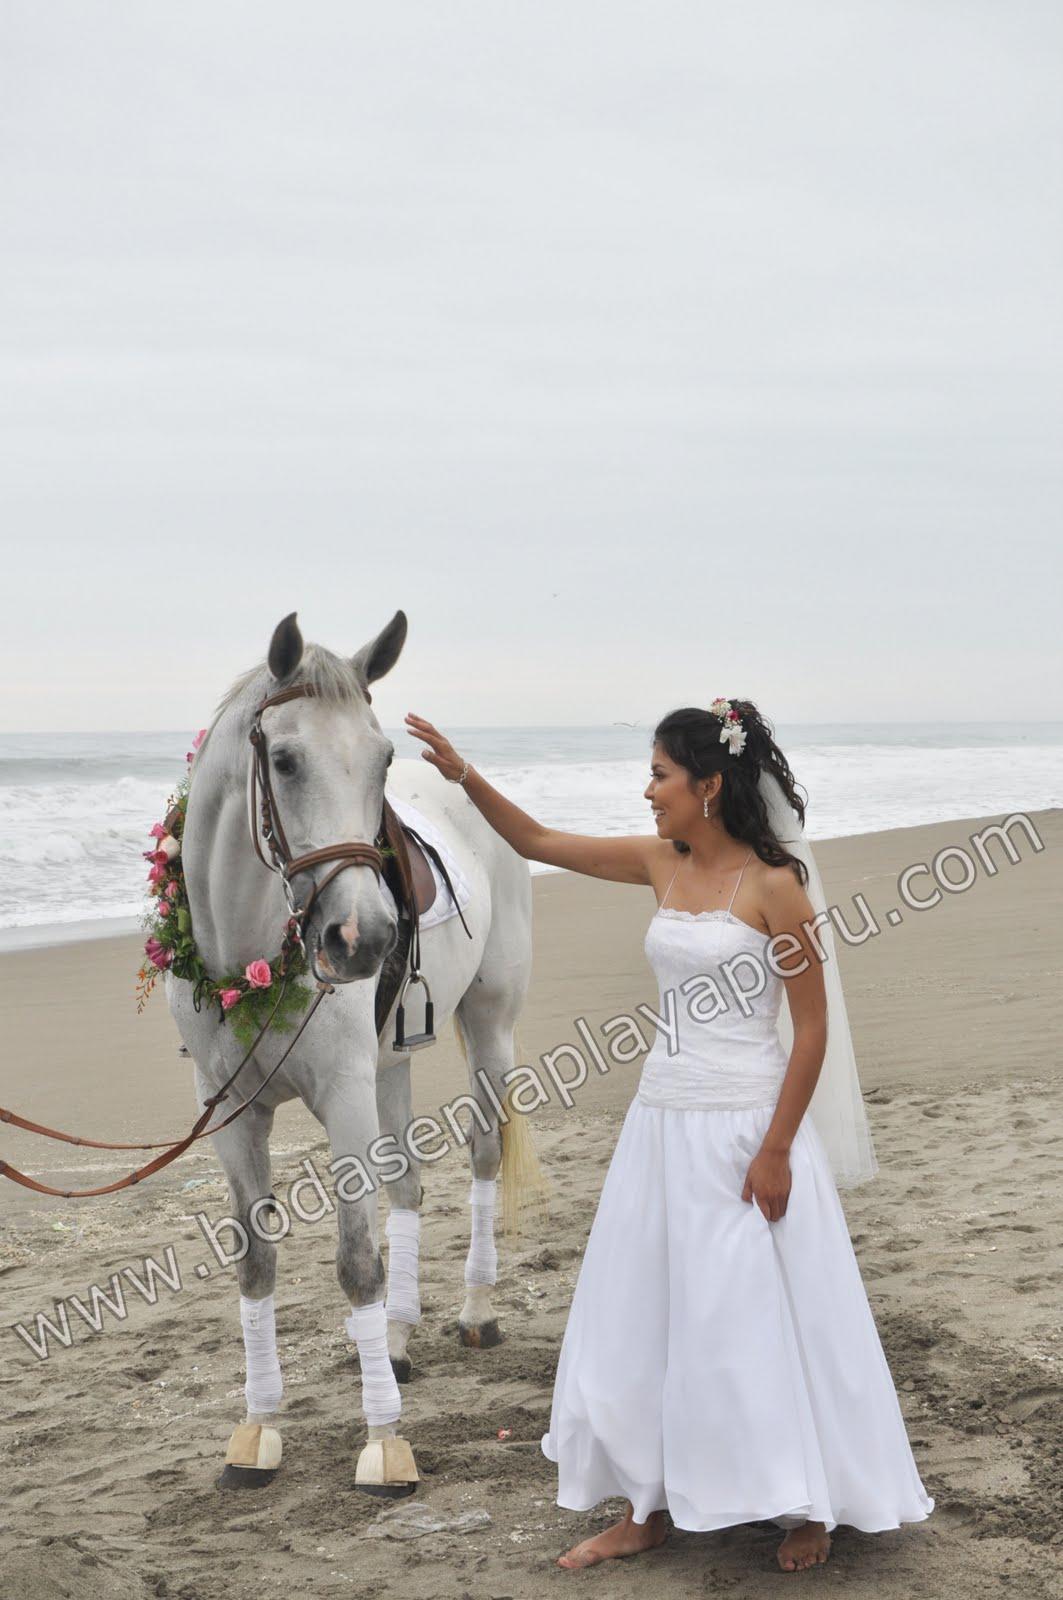 Matrimonio Simbolico En La Playa Peru : Bodas en la playa perú boda floral